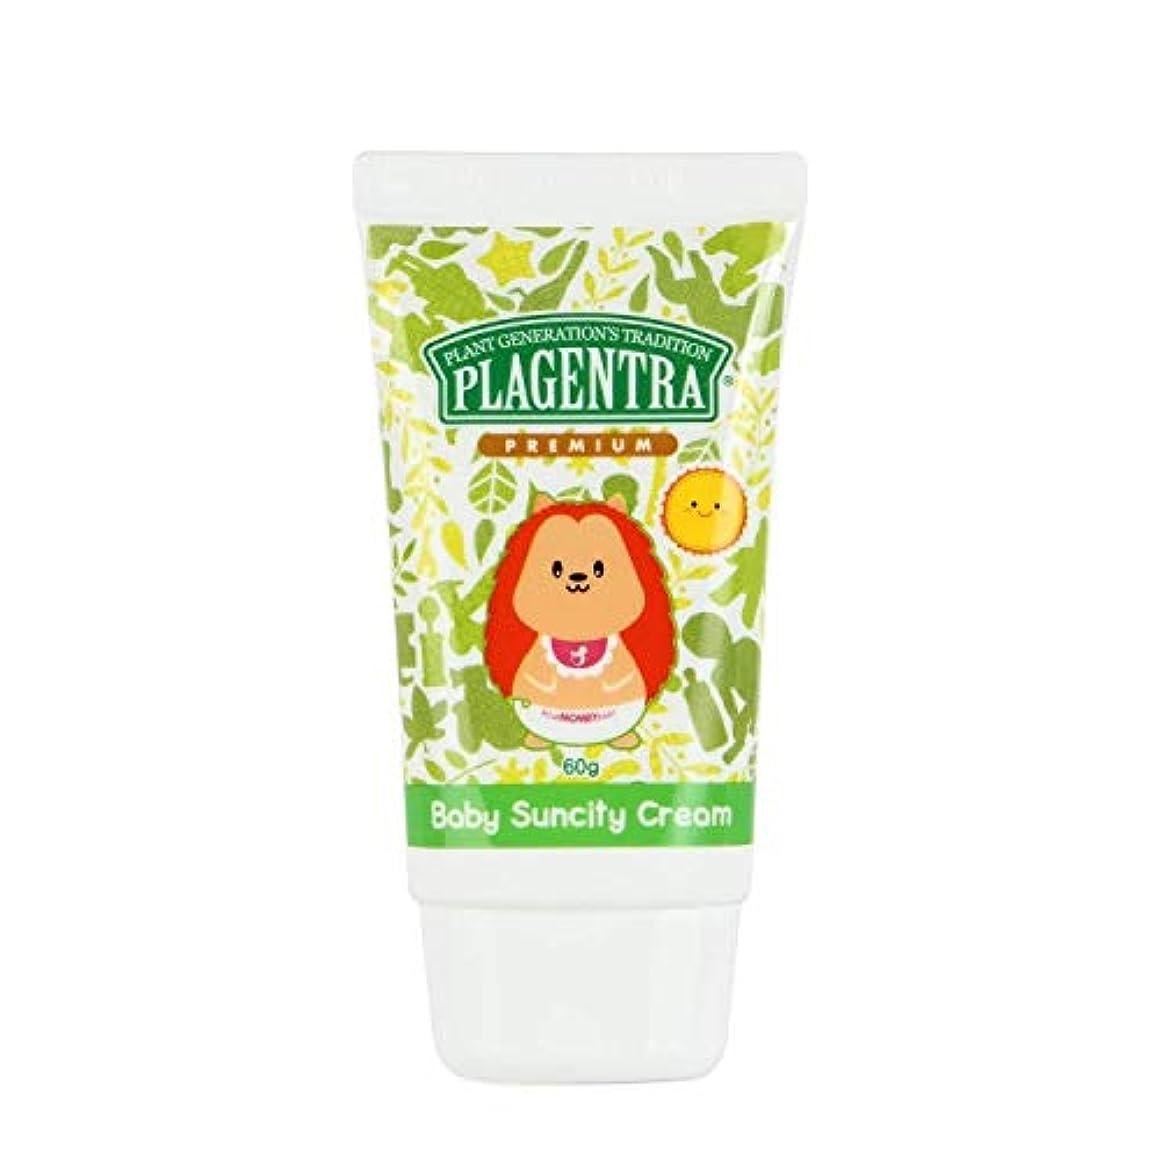 サラミ配列胴体[ PLAGENTRA ] Baby Suncity Cream (60g) Natural Sunscreen 韓国 日焼け止め